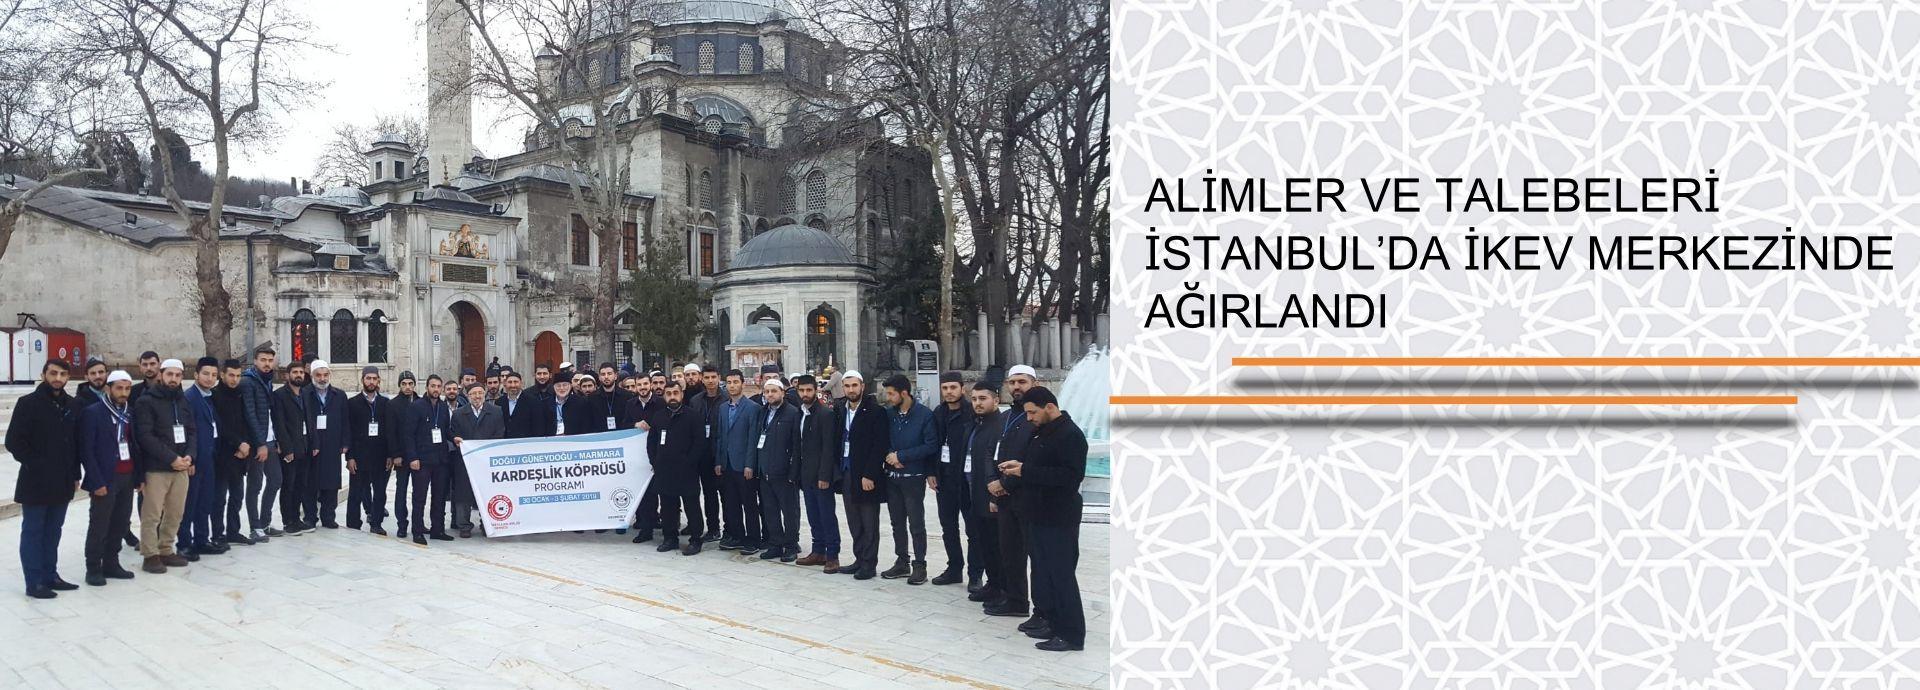 ALİMLER VE TALEBELERİ İSTANBUL'DA İKEV MERKEZINDE AĞIRLANDI